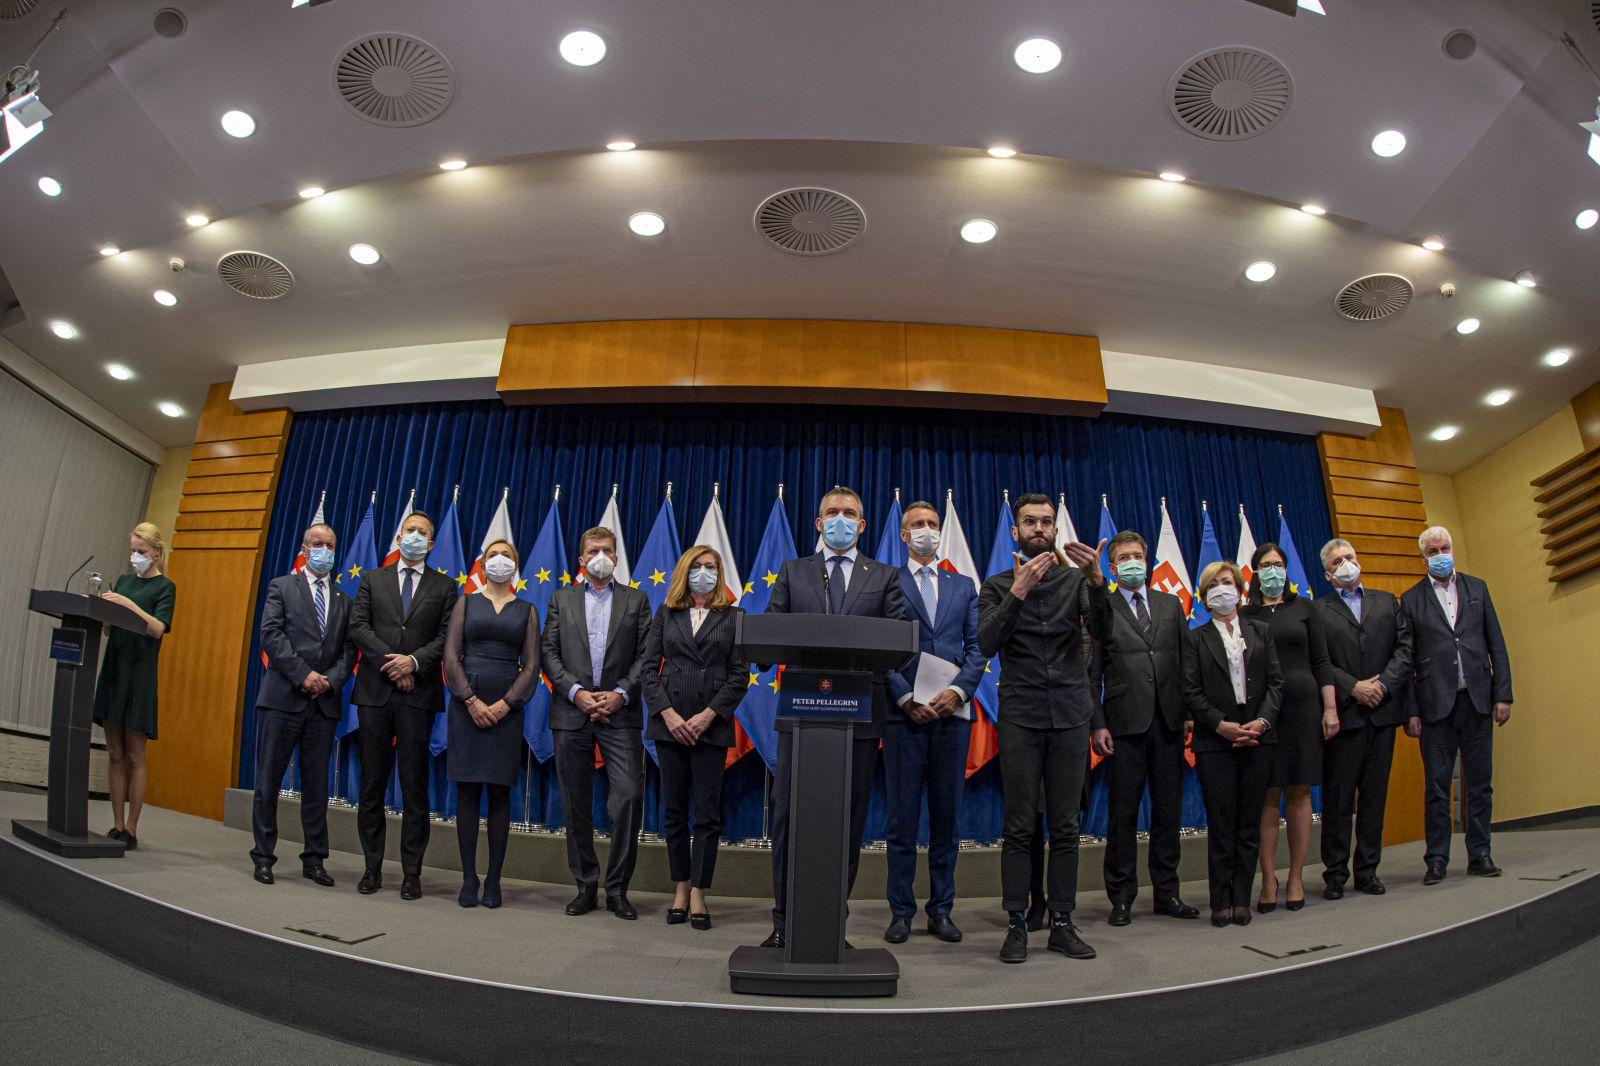 Na snímke uprostred predseda vlády SR Peter Pellegrini informuje médiá na tlačovej konferencii po mimoriadnom rokovaní vlády, na ktorom vyhlásil stav núdze.